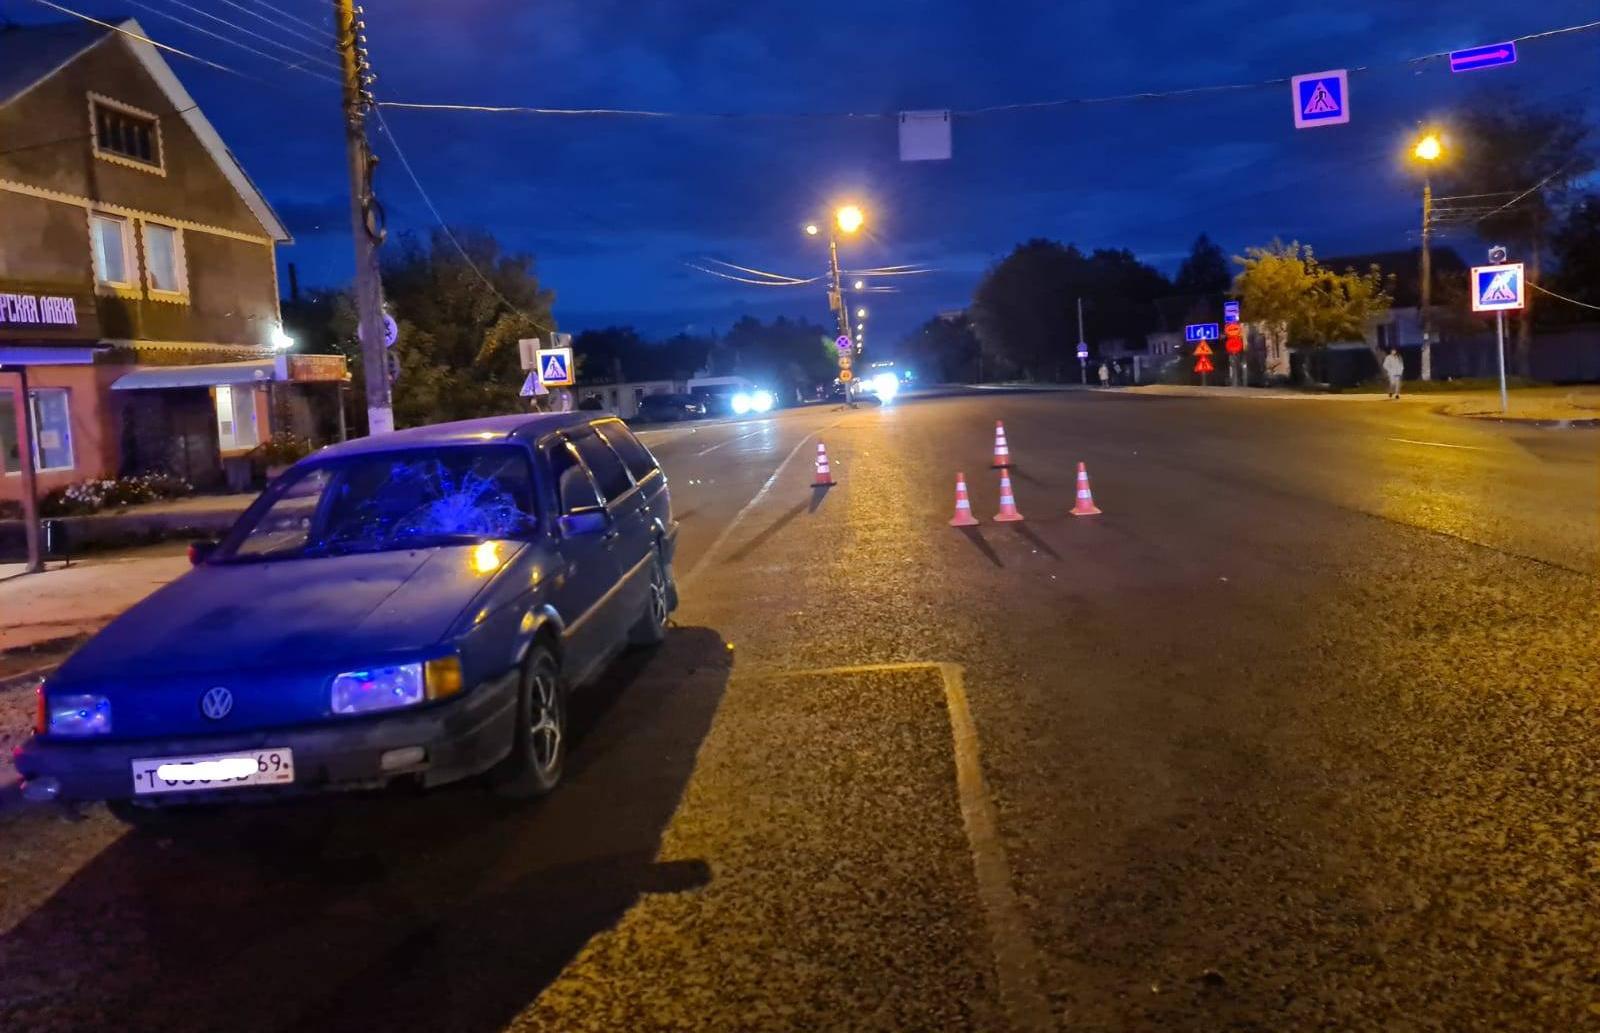 В Твери отправили под домашний арест водителя, пьяным насмерть сбившего пожилого пешехода - новости Афанасий